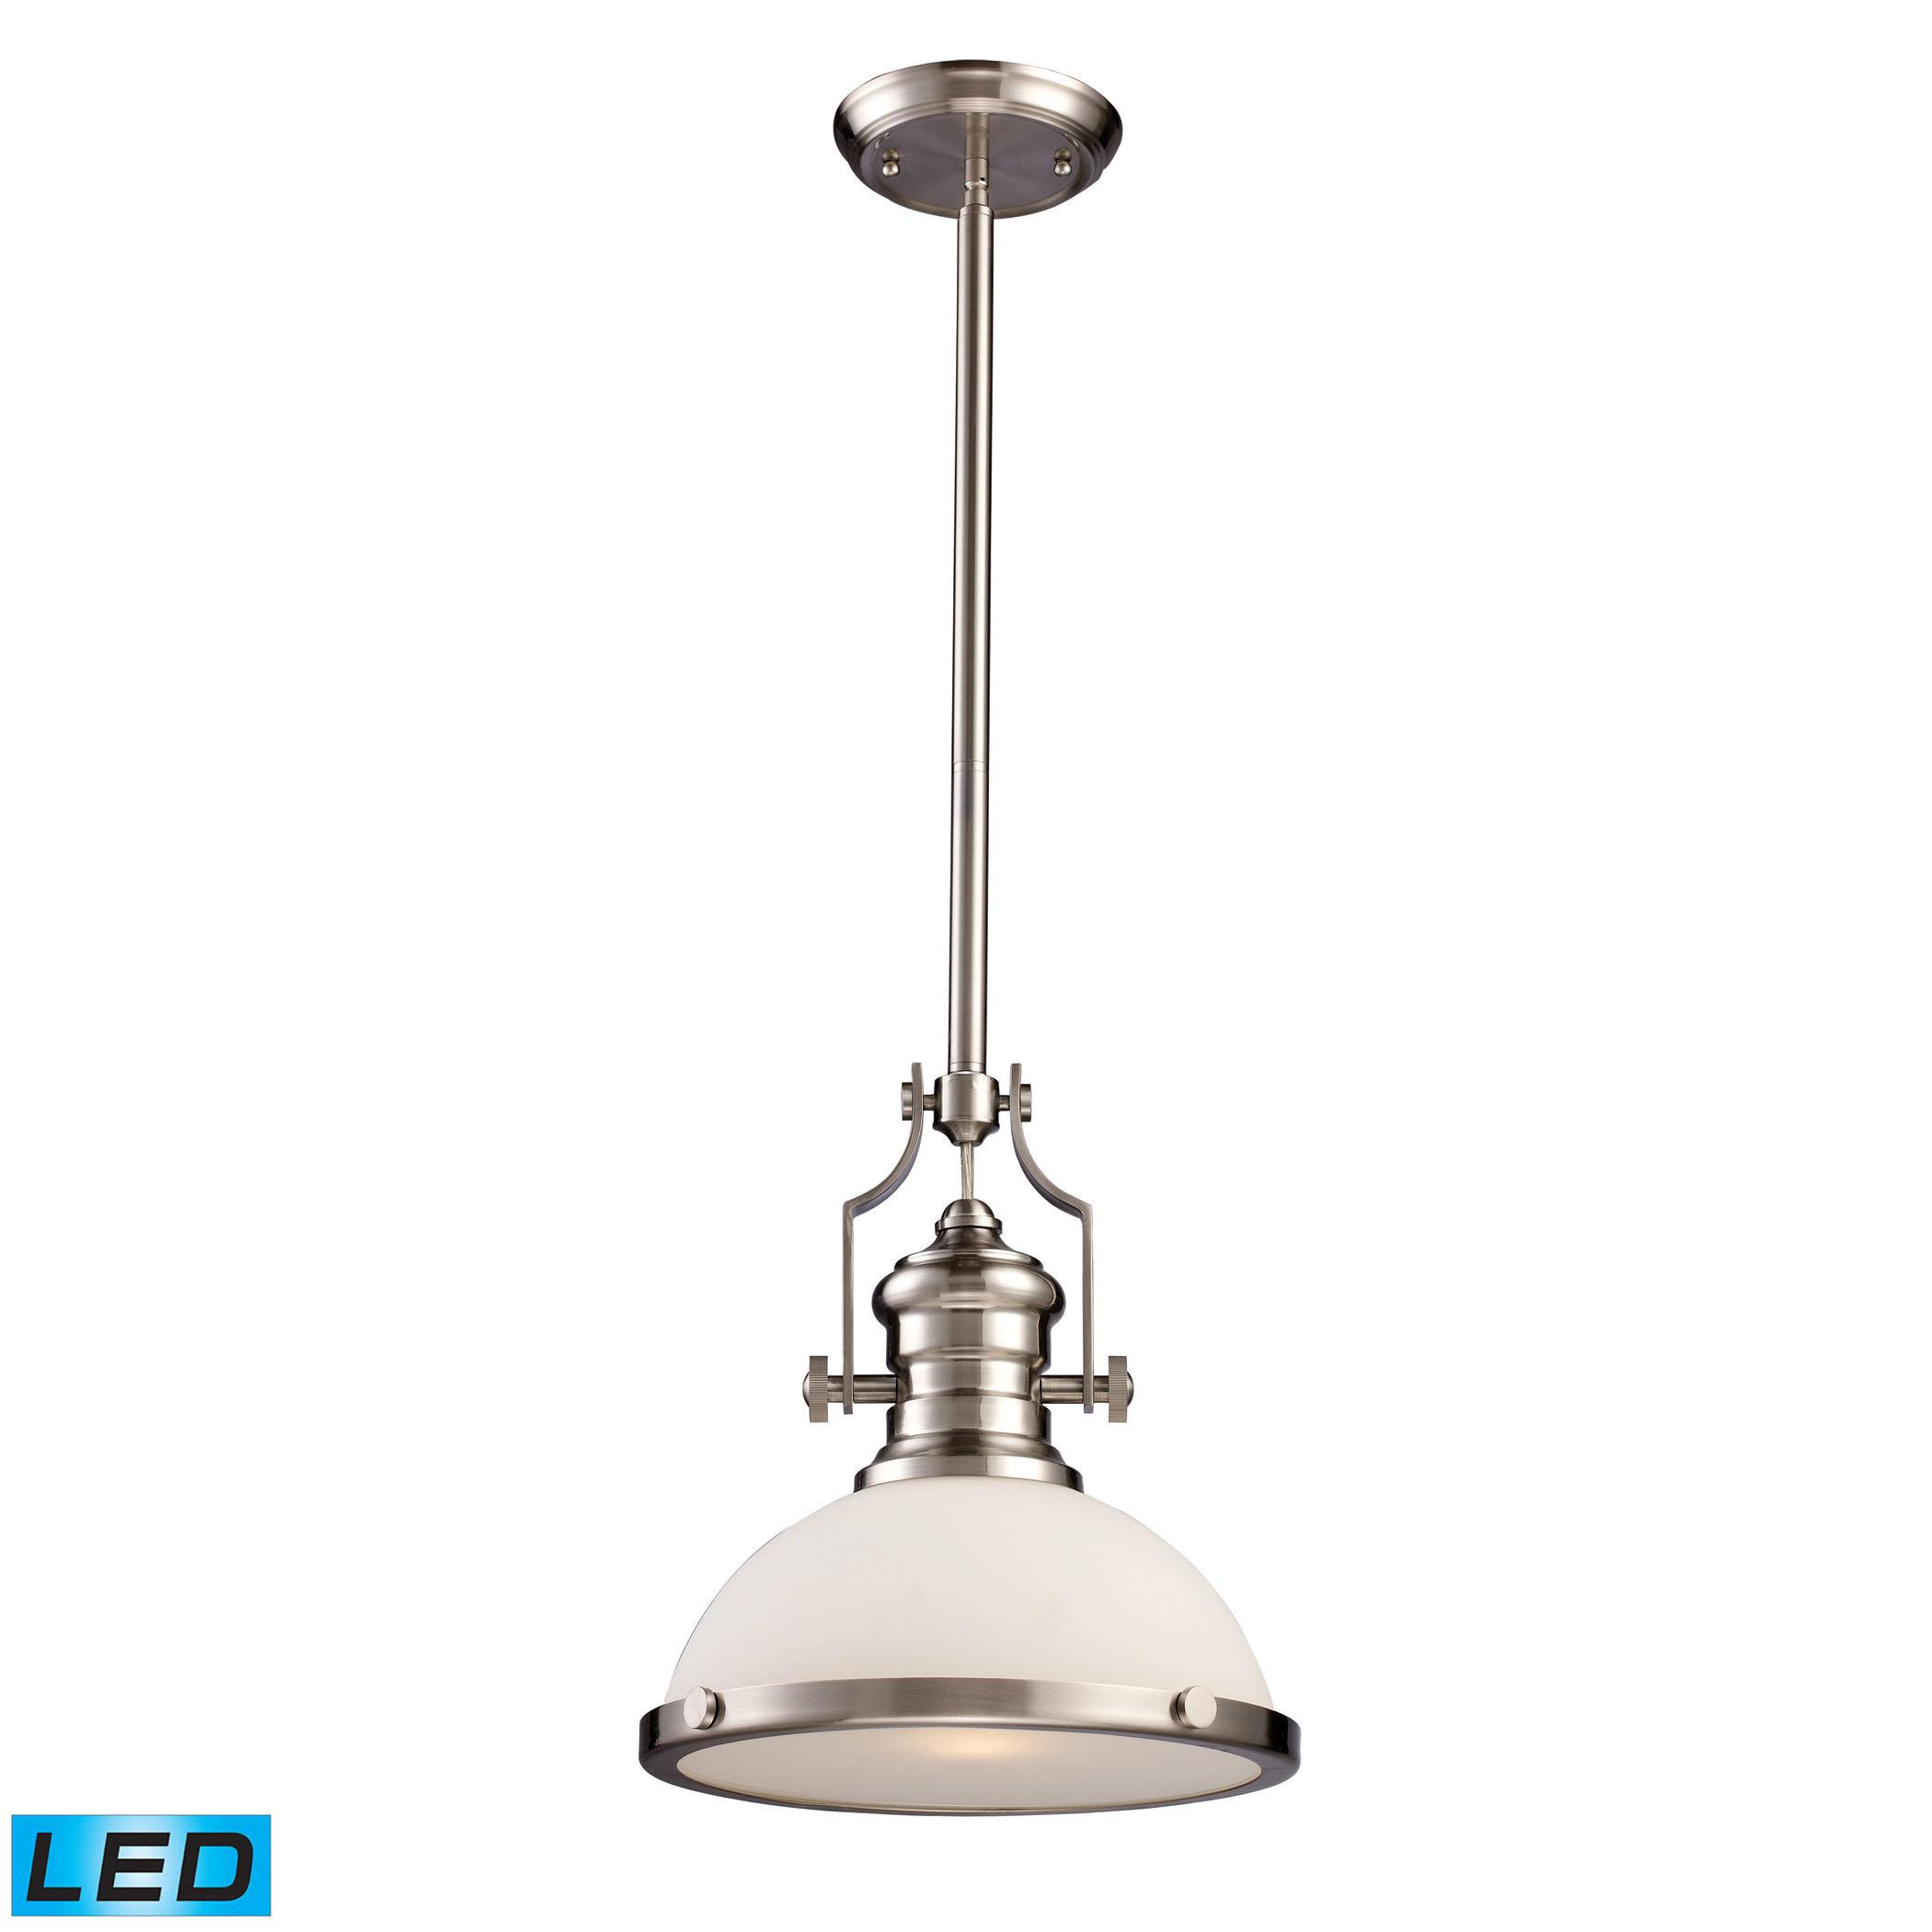 Priston 1 Light Single Dome Pendant With Bodalla 1 Light Single Dome Pendants (View 17 of 30)